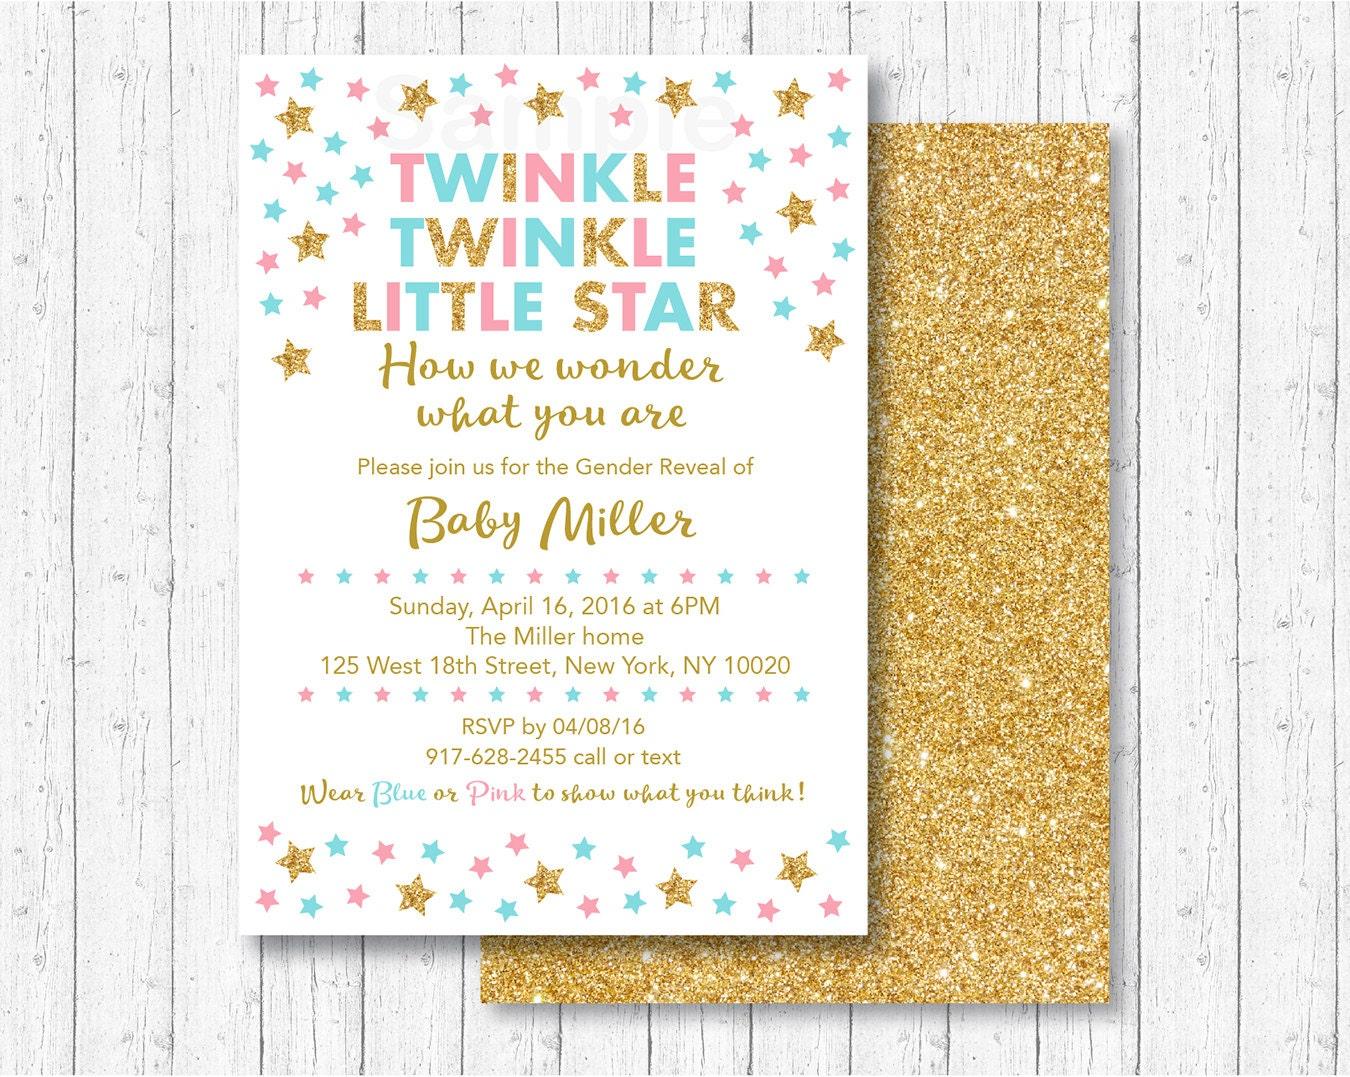 Twinkle Twinkle Little Star Gender Reveal Invitation / Twinkle